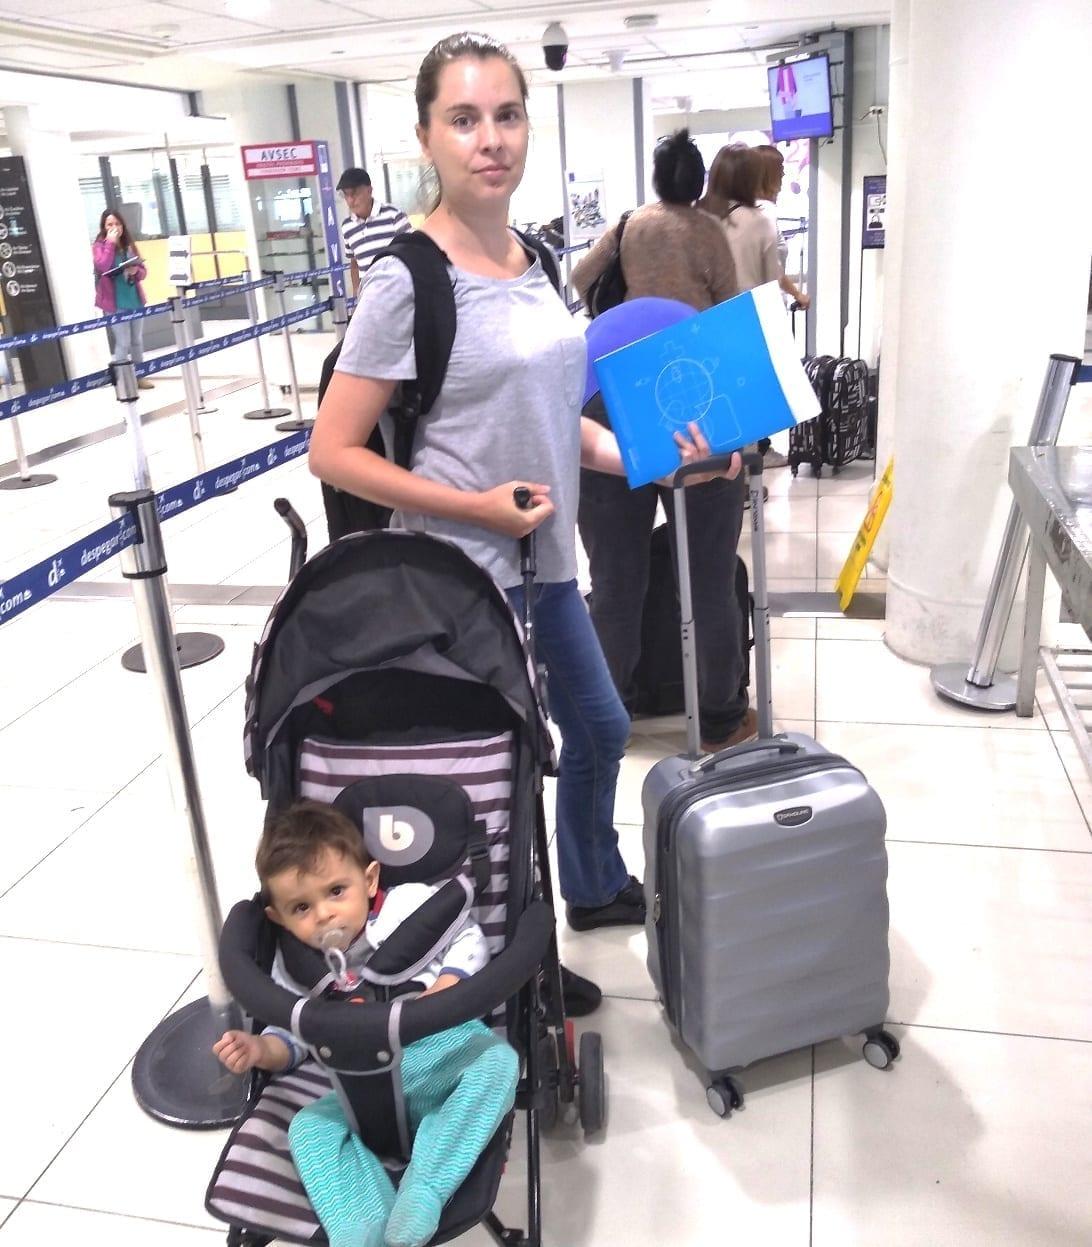 carrinho de criança avião LikeChile